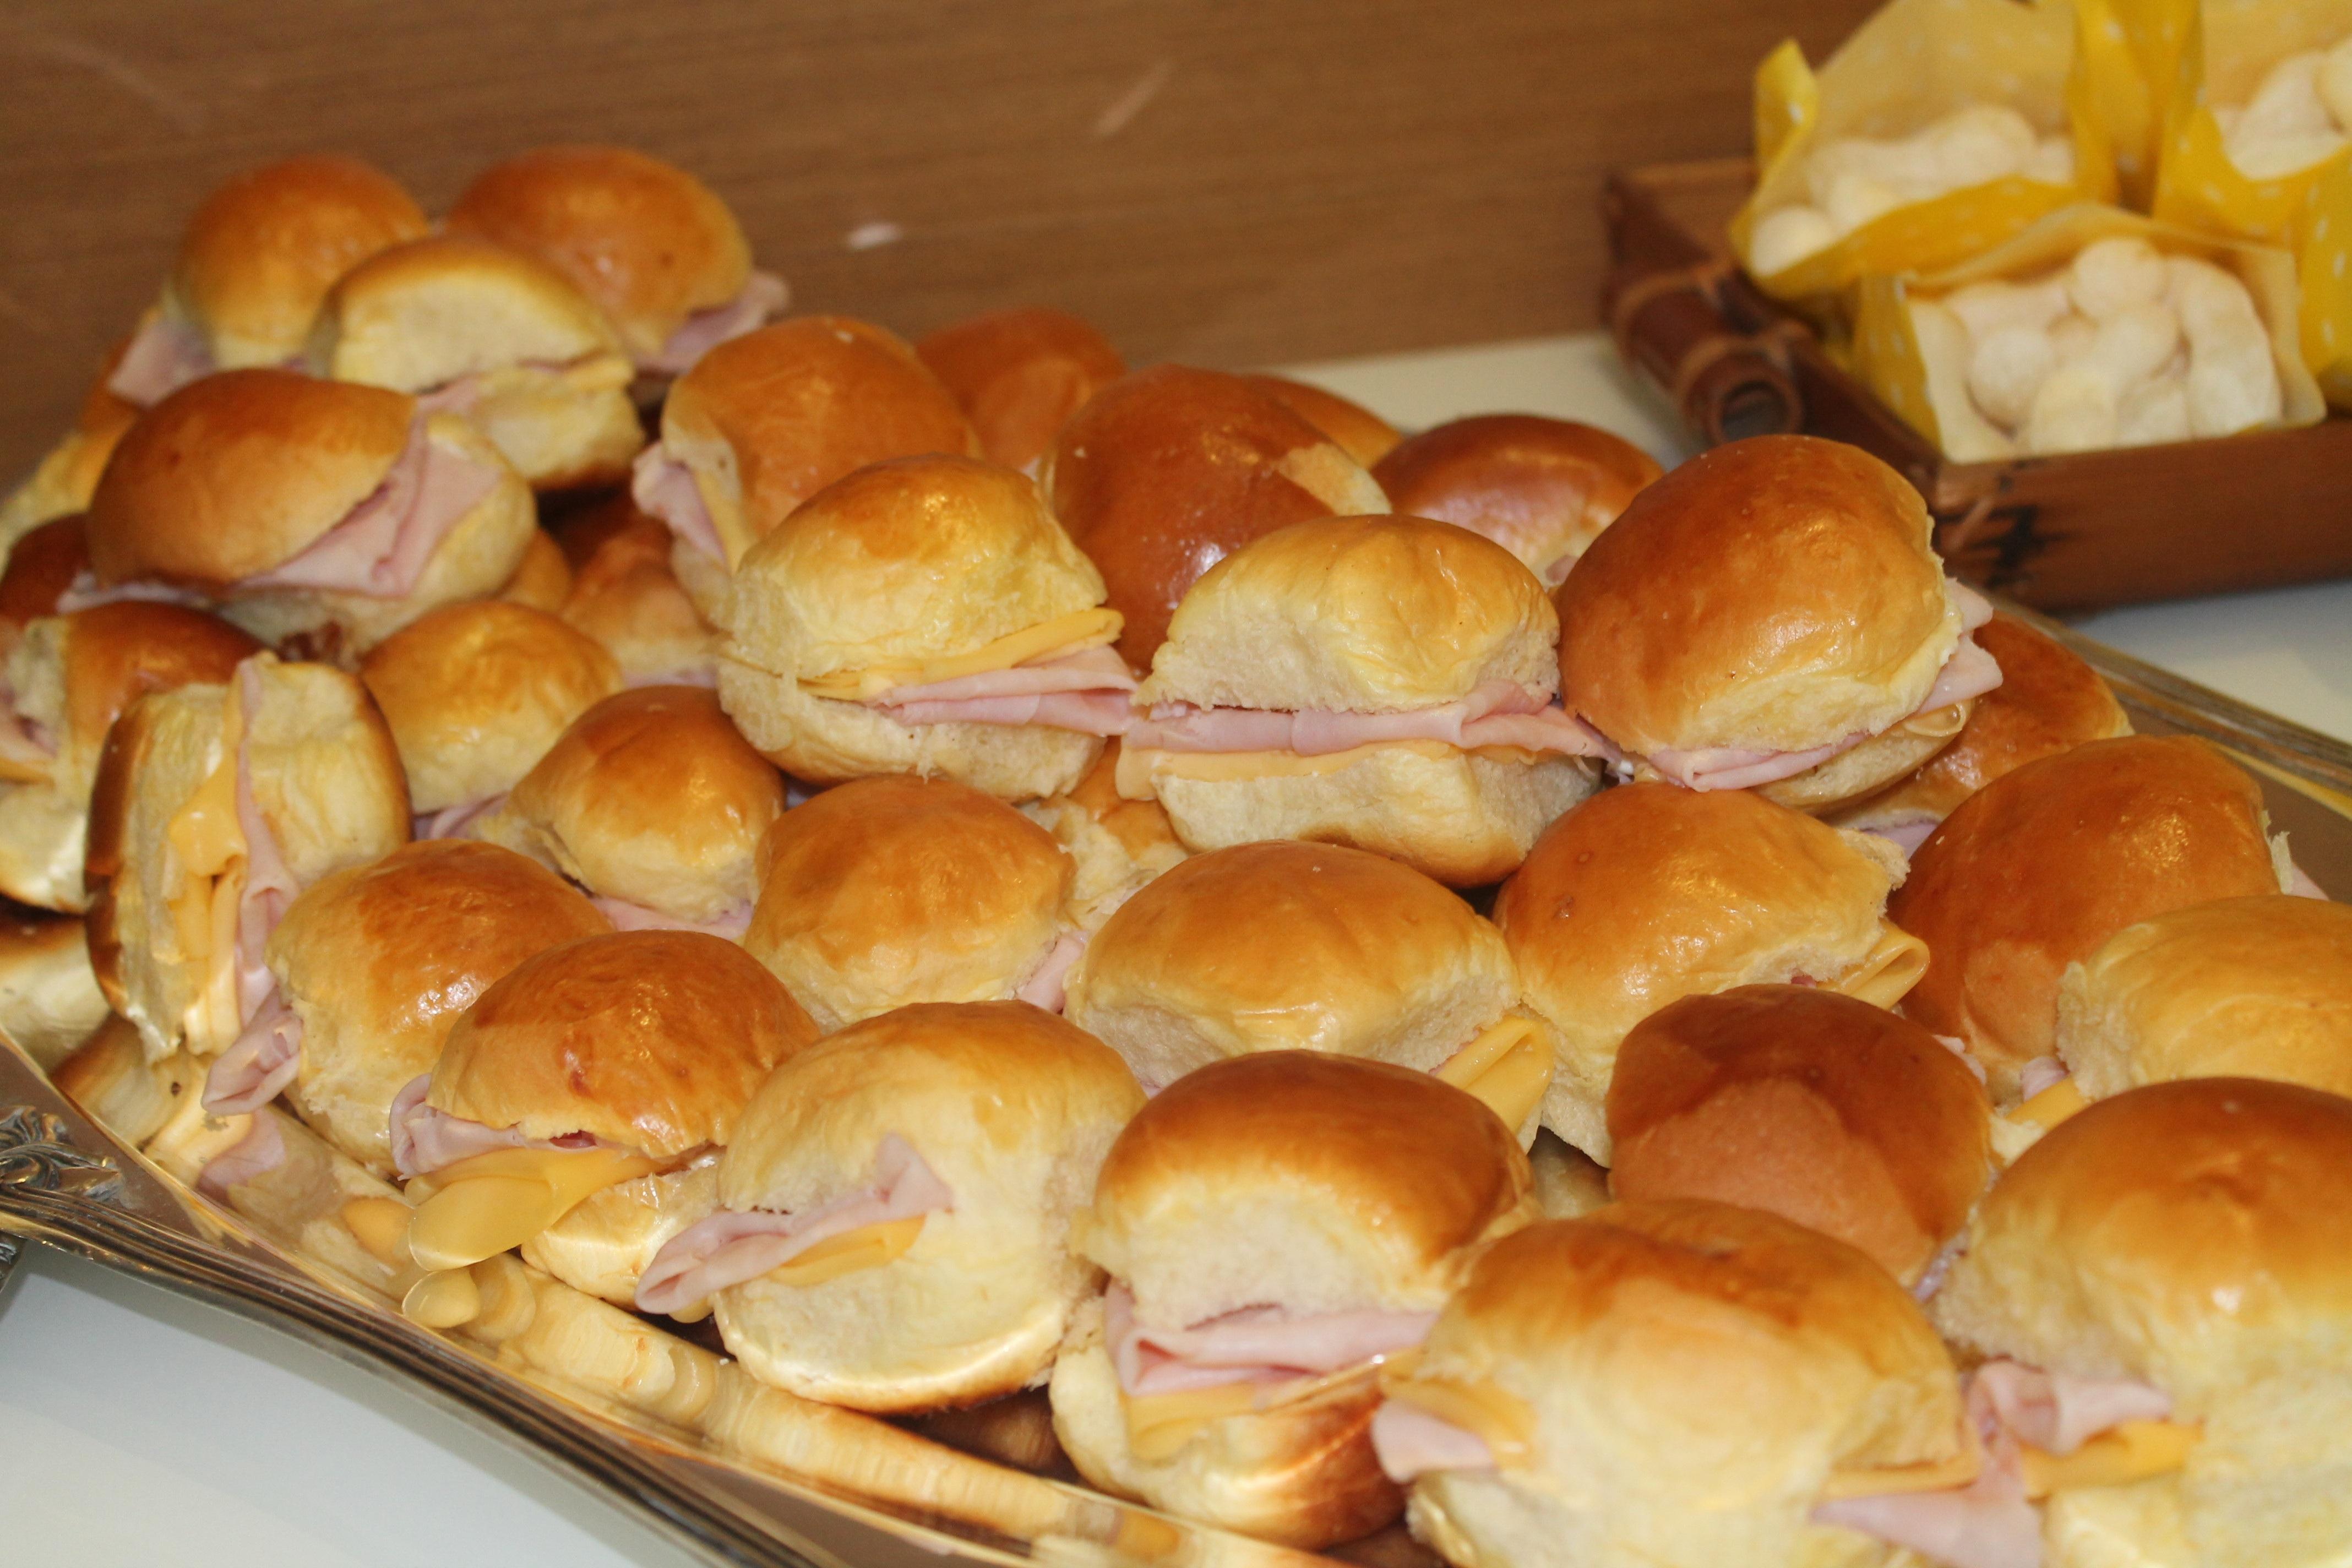 Images Gratuites Plat Repas Aliments Cuisson Casse